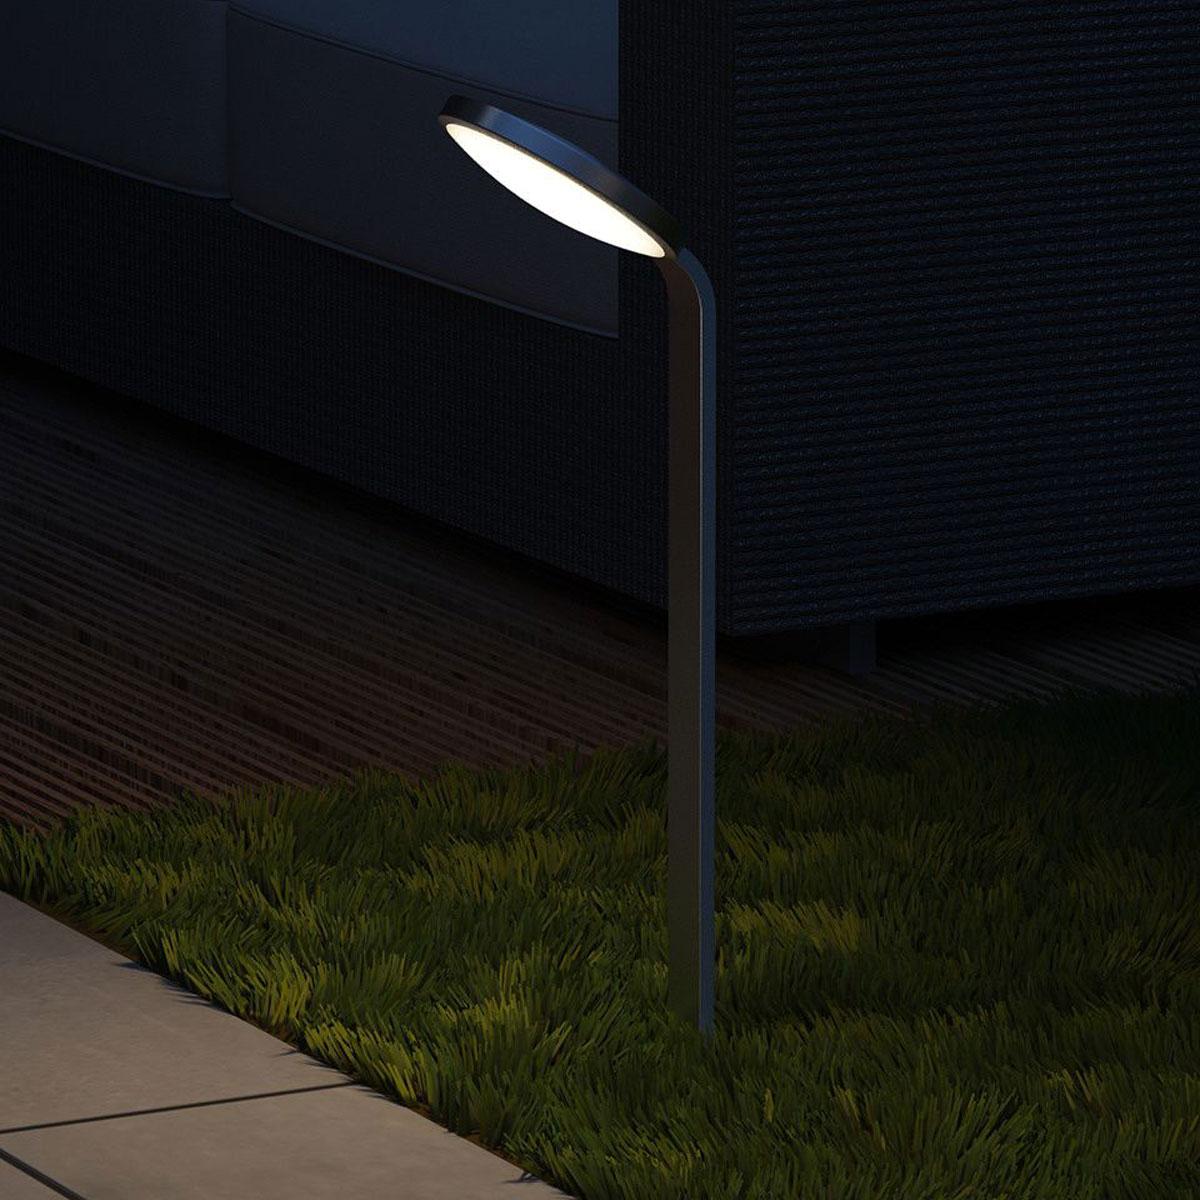 Philips mygarden moon sokkel rvs zonne energie - Philips my garden ...